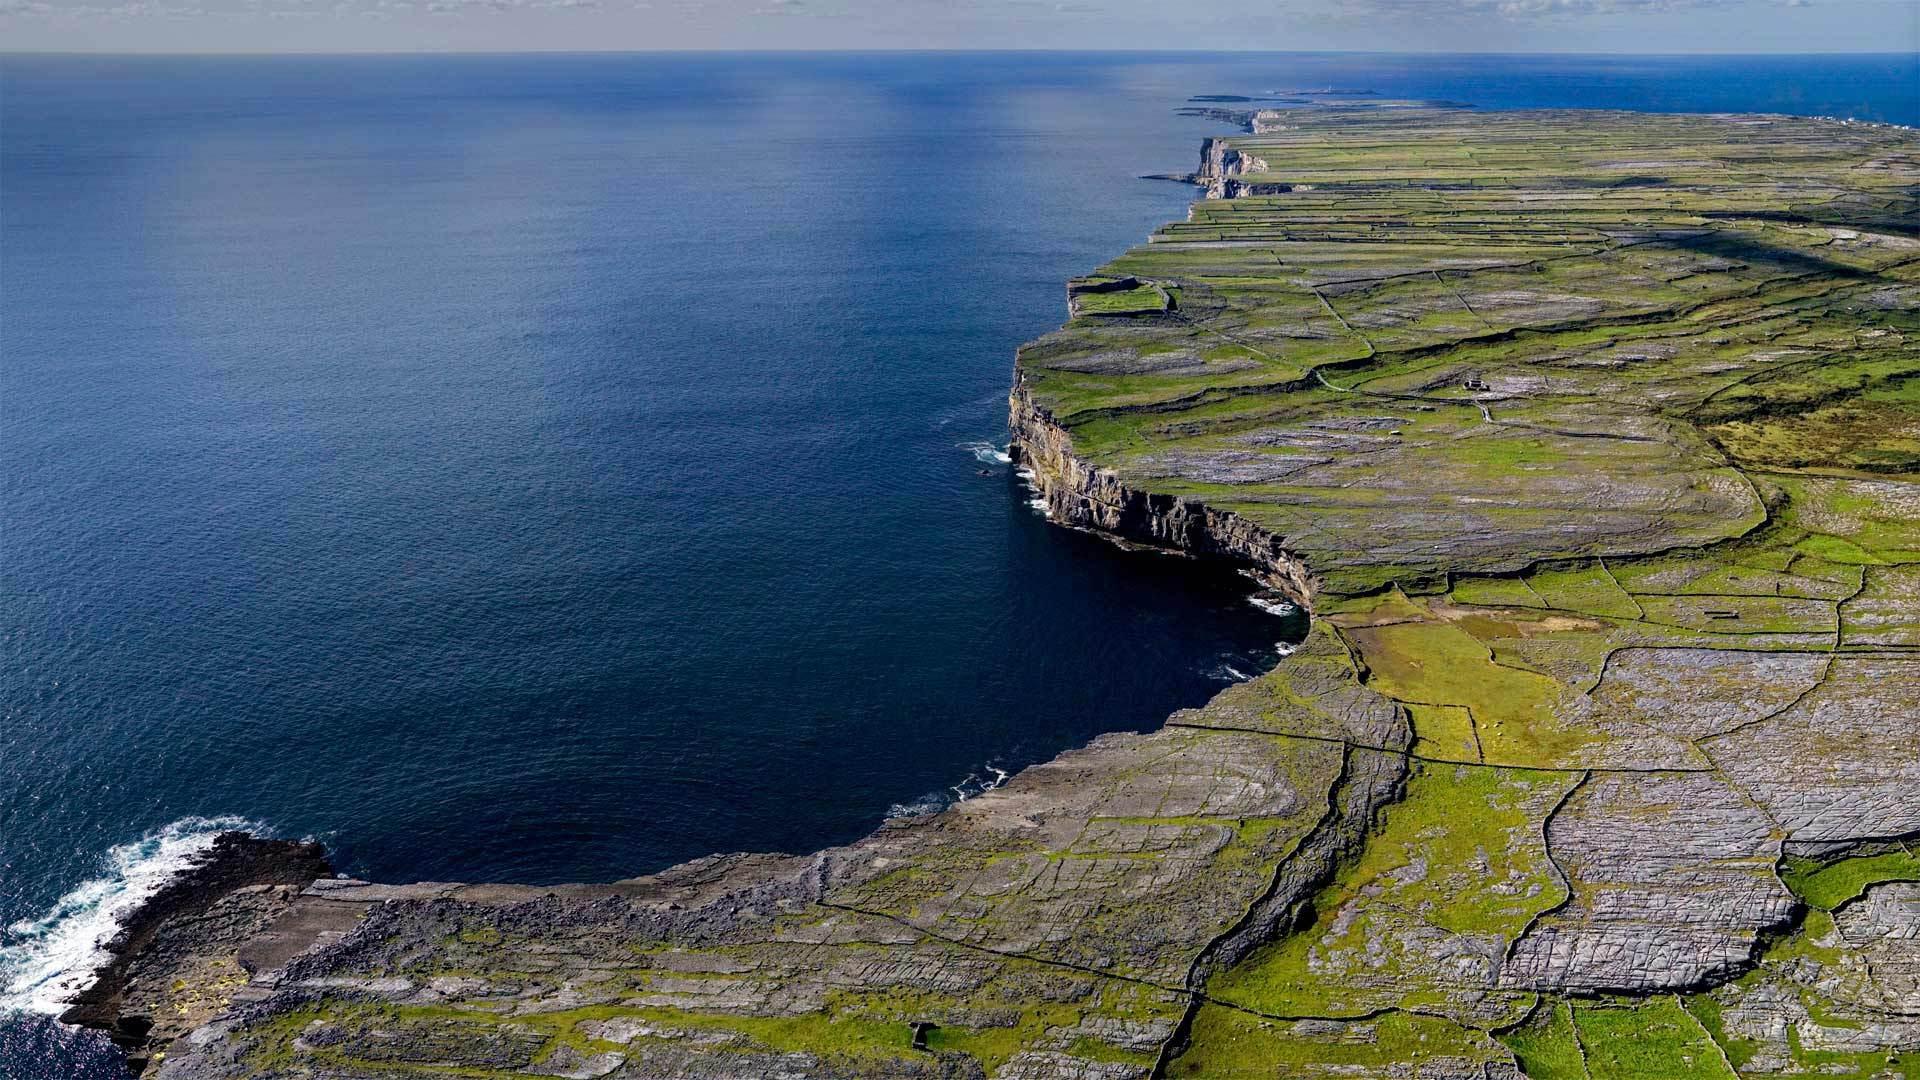 阿伦群岛三座岛中最小的伊尼希尔岛伊尼希尔